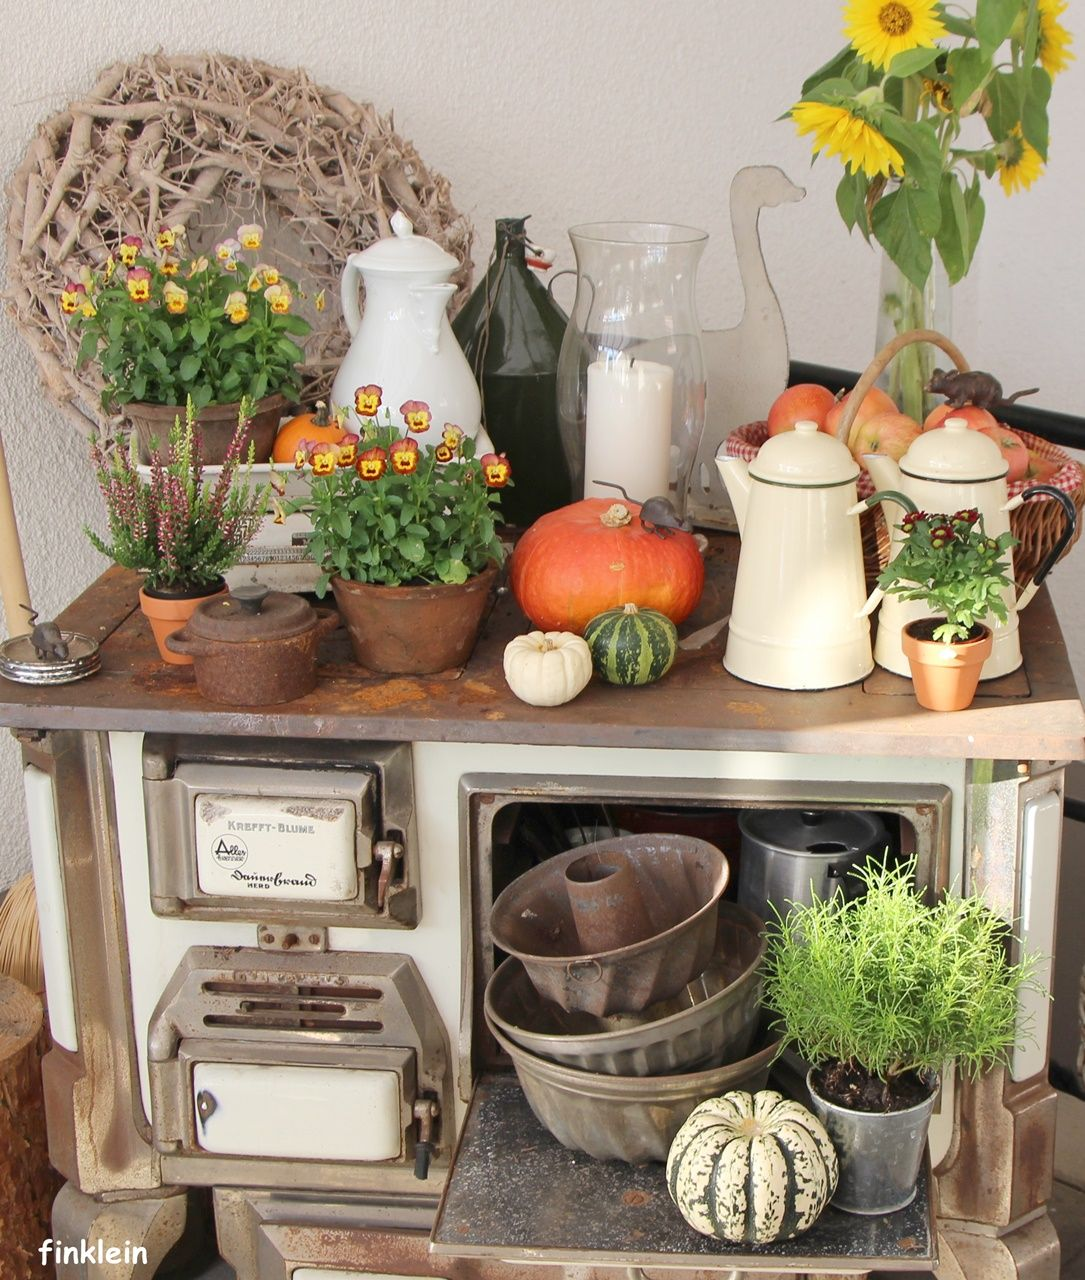 Haus Und Garten: Pin Von Finklein Auf Herbst